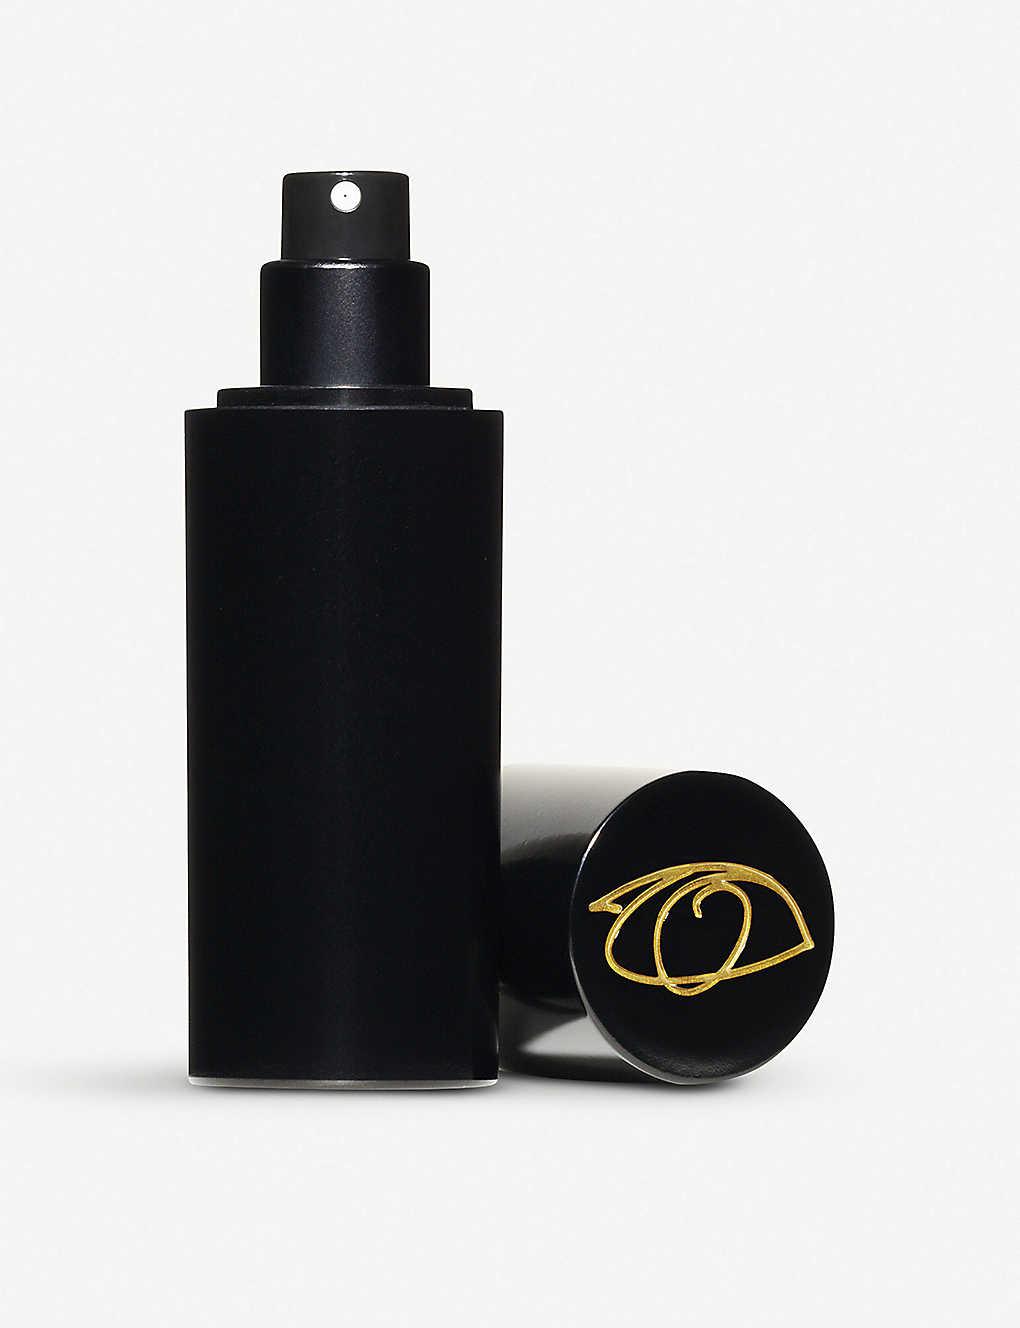 Superstitious eau de parfum travel case